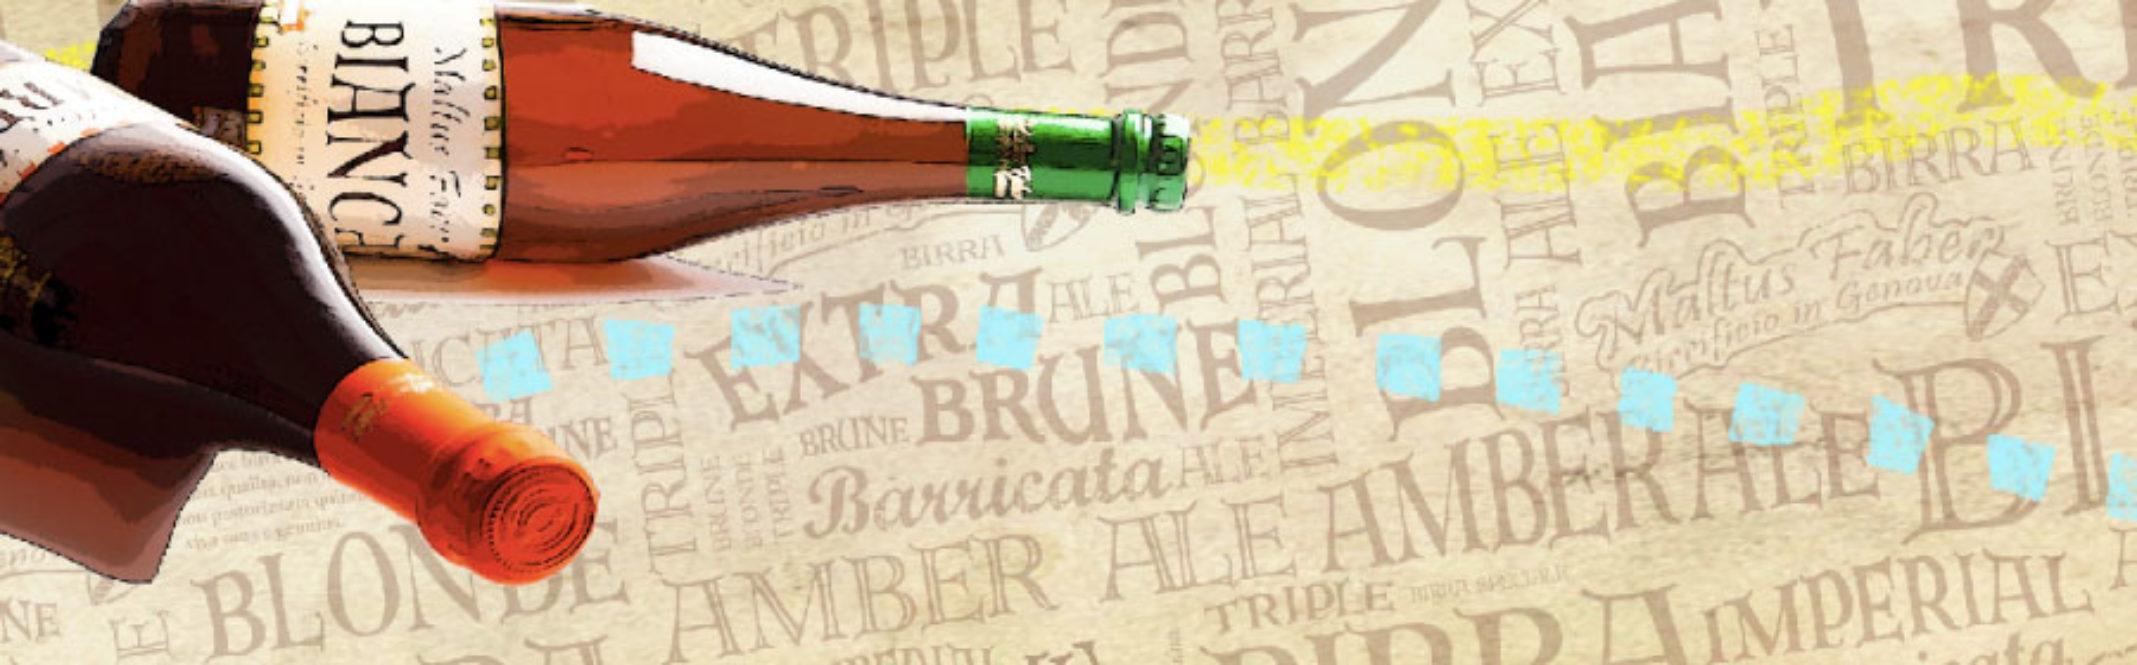 grafica per banner birrificio trait d'union